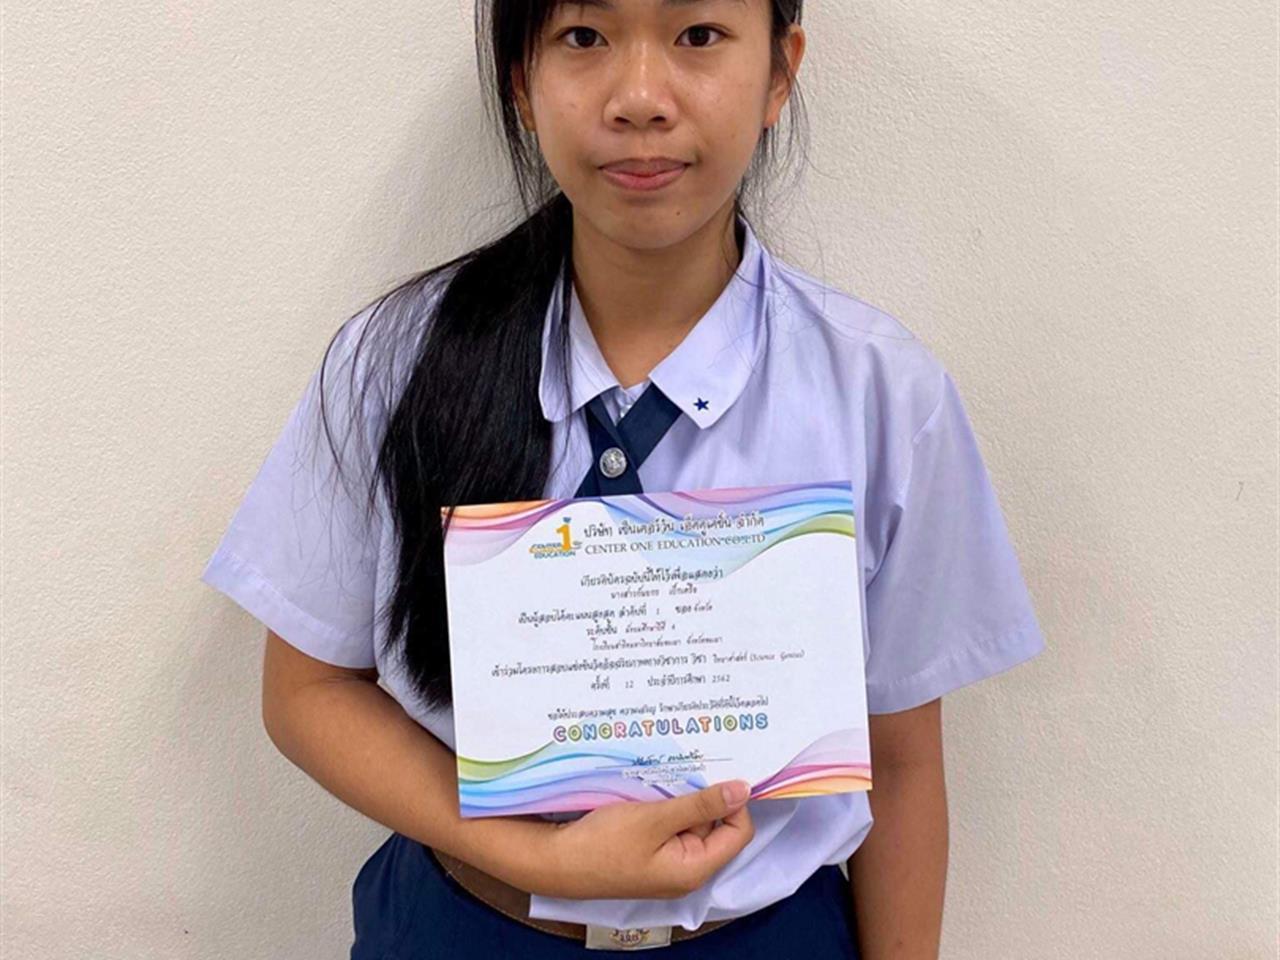 นักเรียนสาธิตม.พะเยา ได้รับรางวัล โครงการสอบแข่งขันวัดอัจริยภาพทางวิชาการในรายวิชาคณิตศาสตร์ และวิทยาศาสตร์ ประจำปีการศึกษา 2562 ภาคเรียนที่ 1